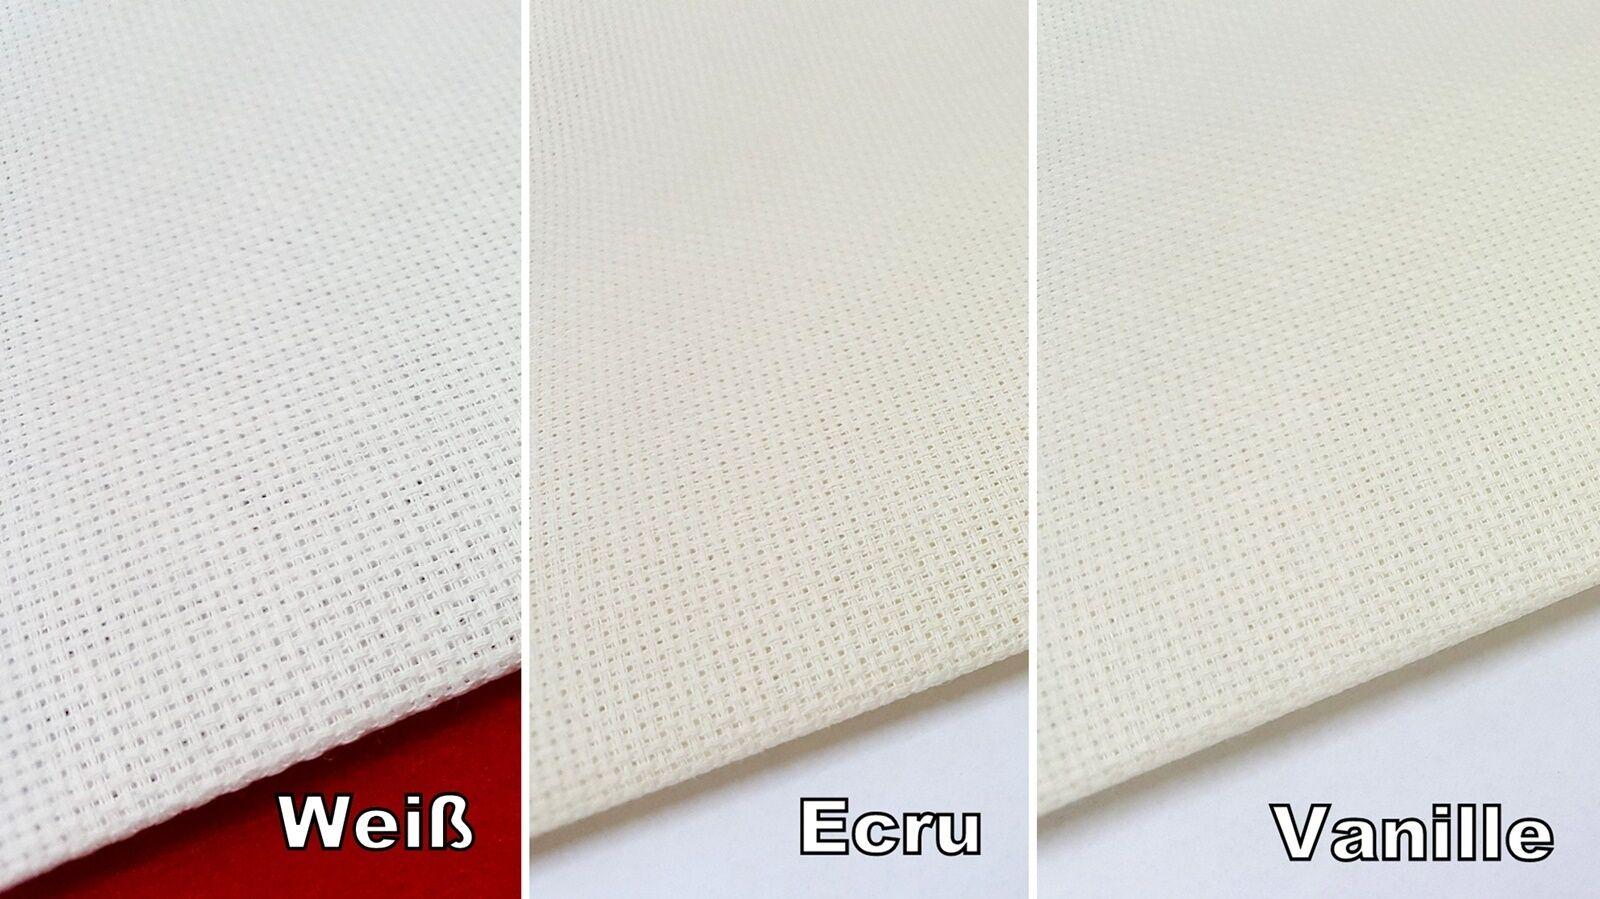 Aida Stickstoff 6,4 Stiche/cm weiß ecru Vanille 160 cm breit Meterware 19,75 €/m